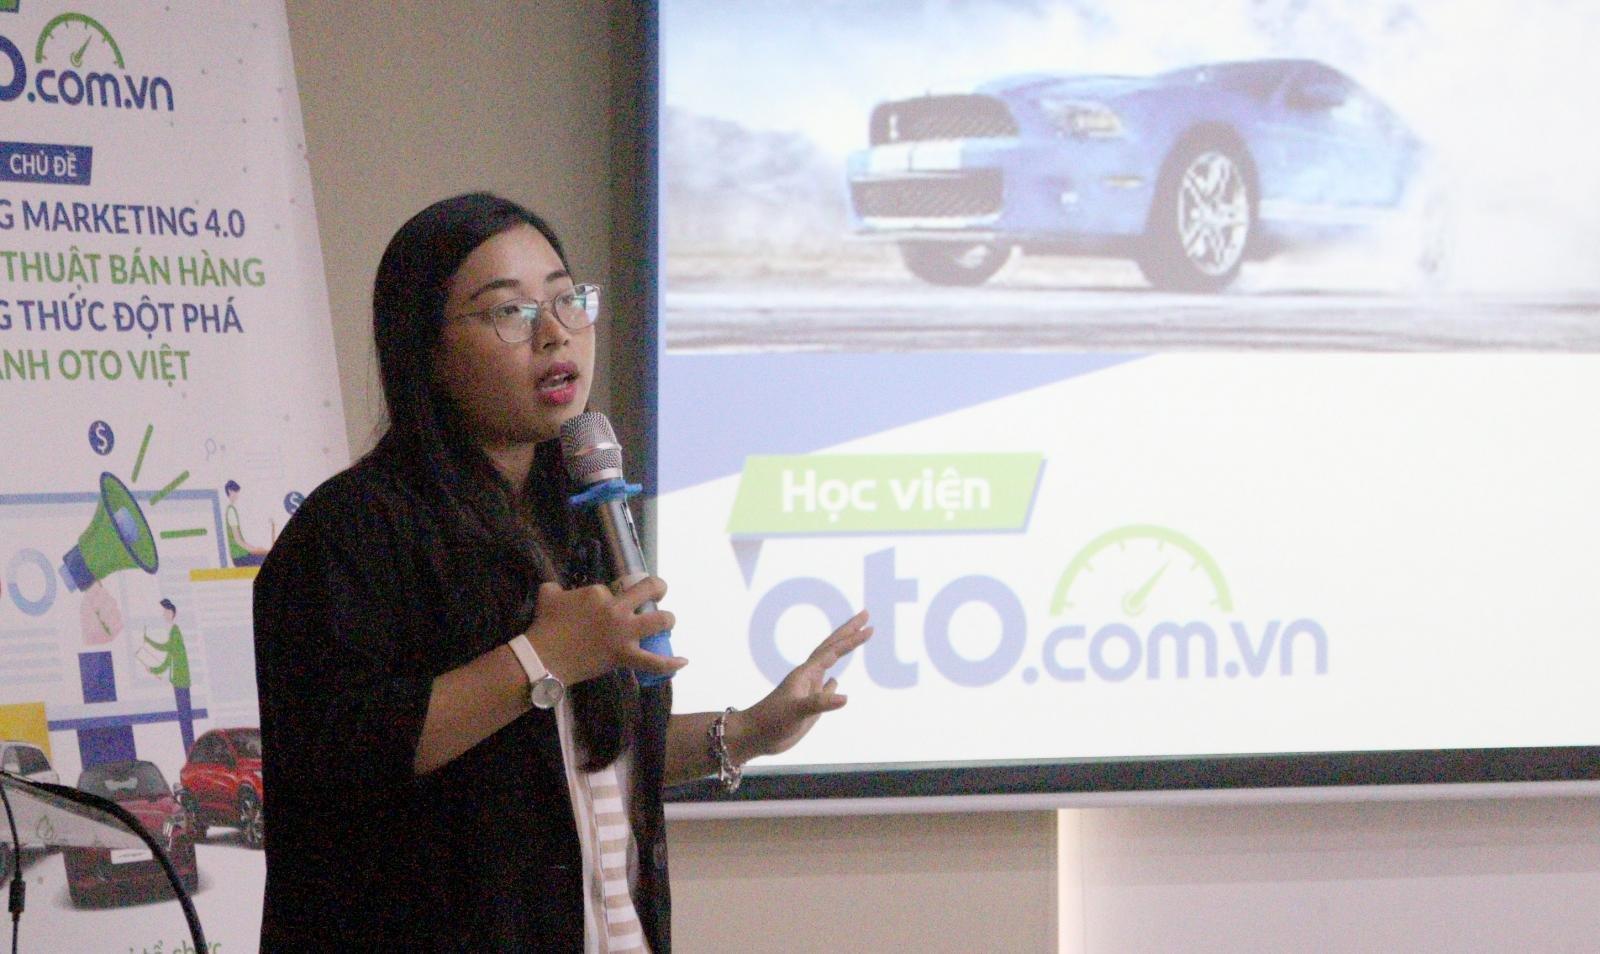 """Học viện Oto.com.vn: Nơi """"biến bạn"""" thành nhà môi giới chuyên nghiệp thời đại 4.0a"""